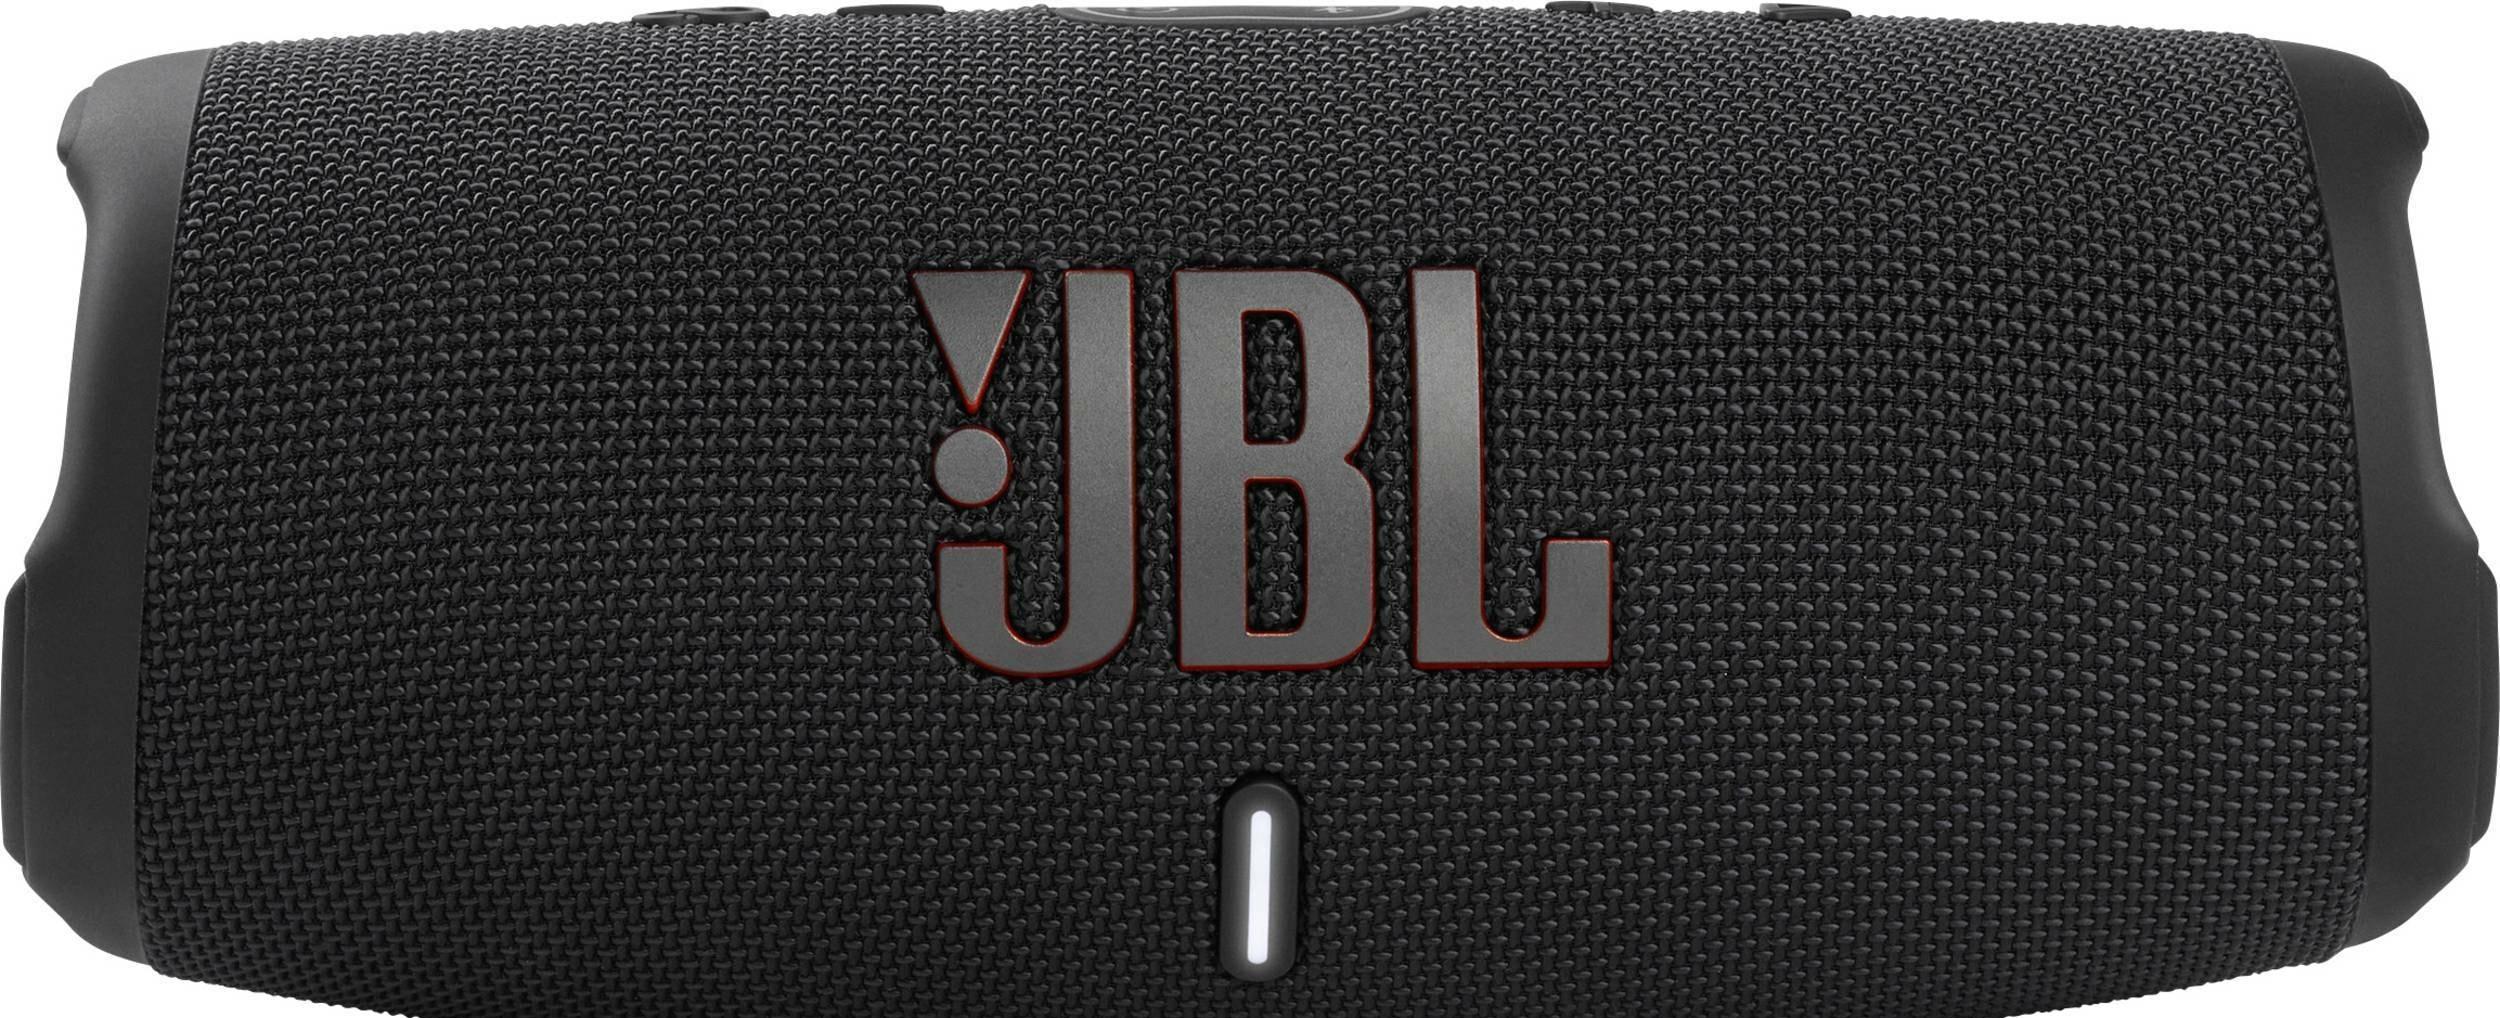 Беспроводная колонка JBL Charge 5 (черный)